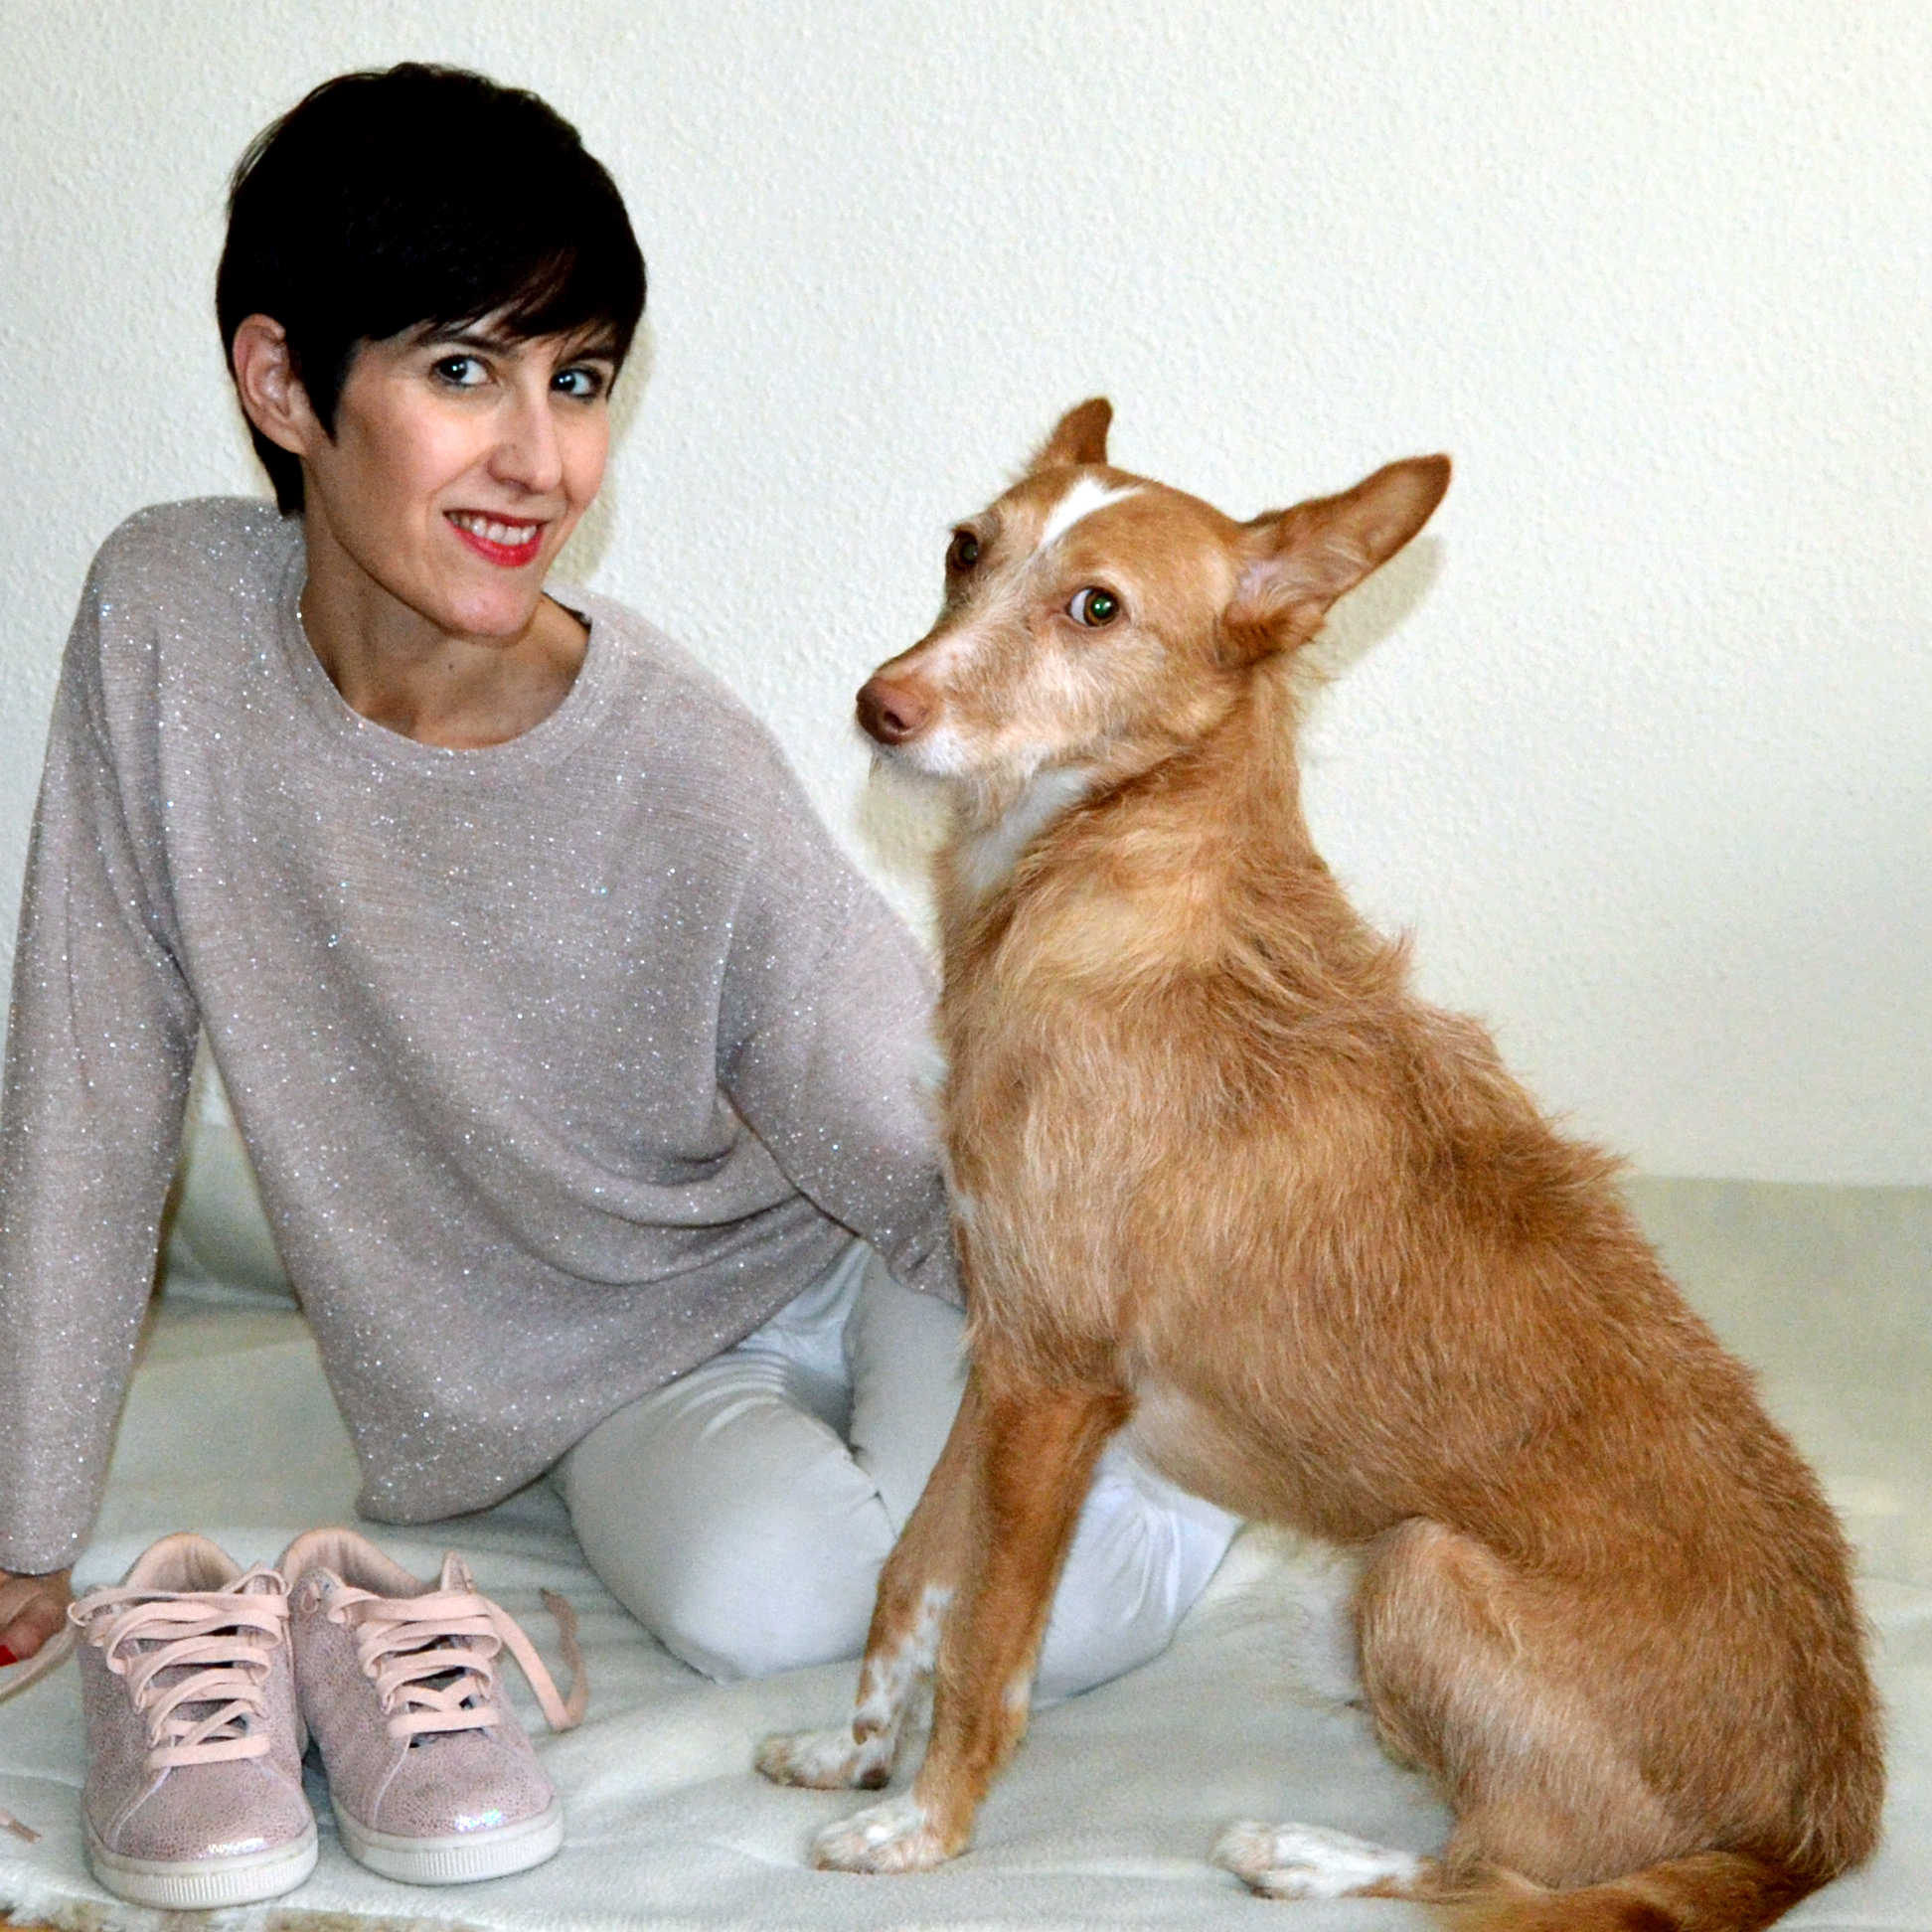 Adala, protectora de animales. No compres, adopta.